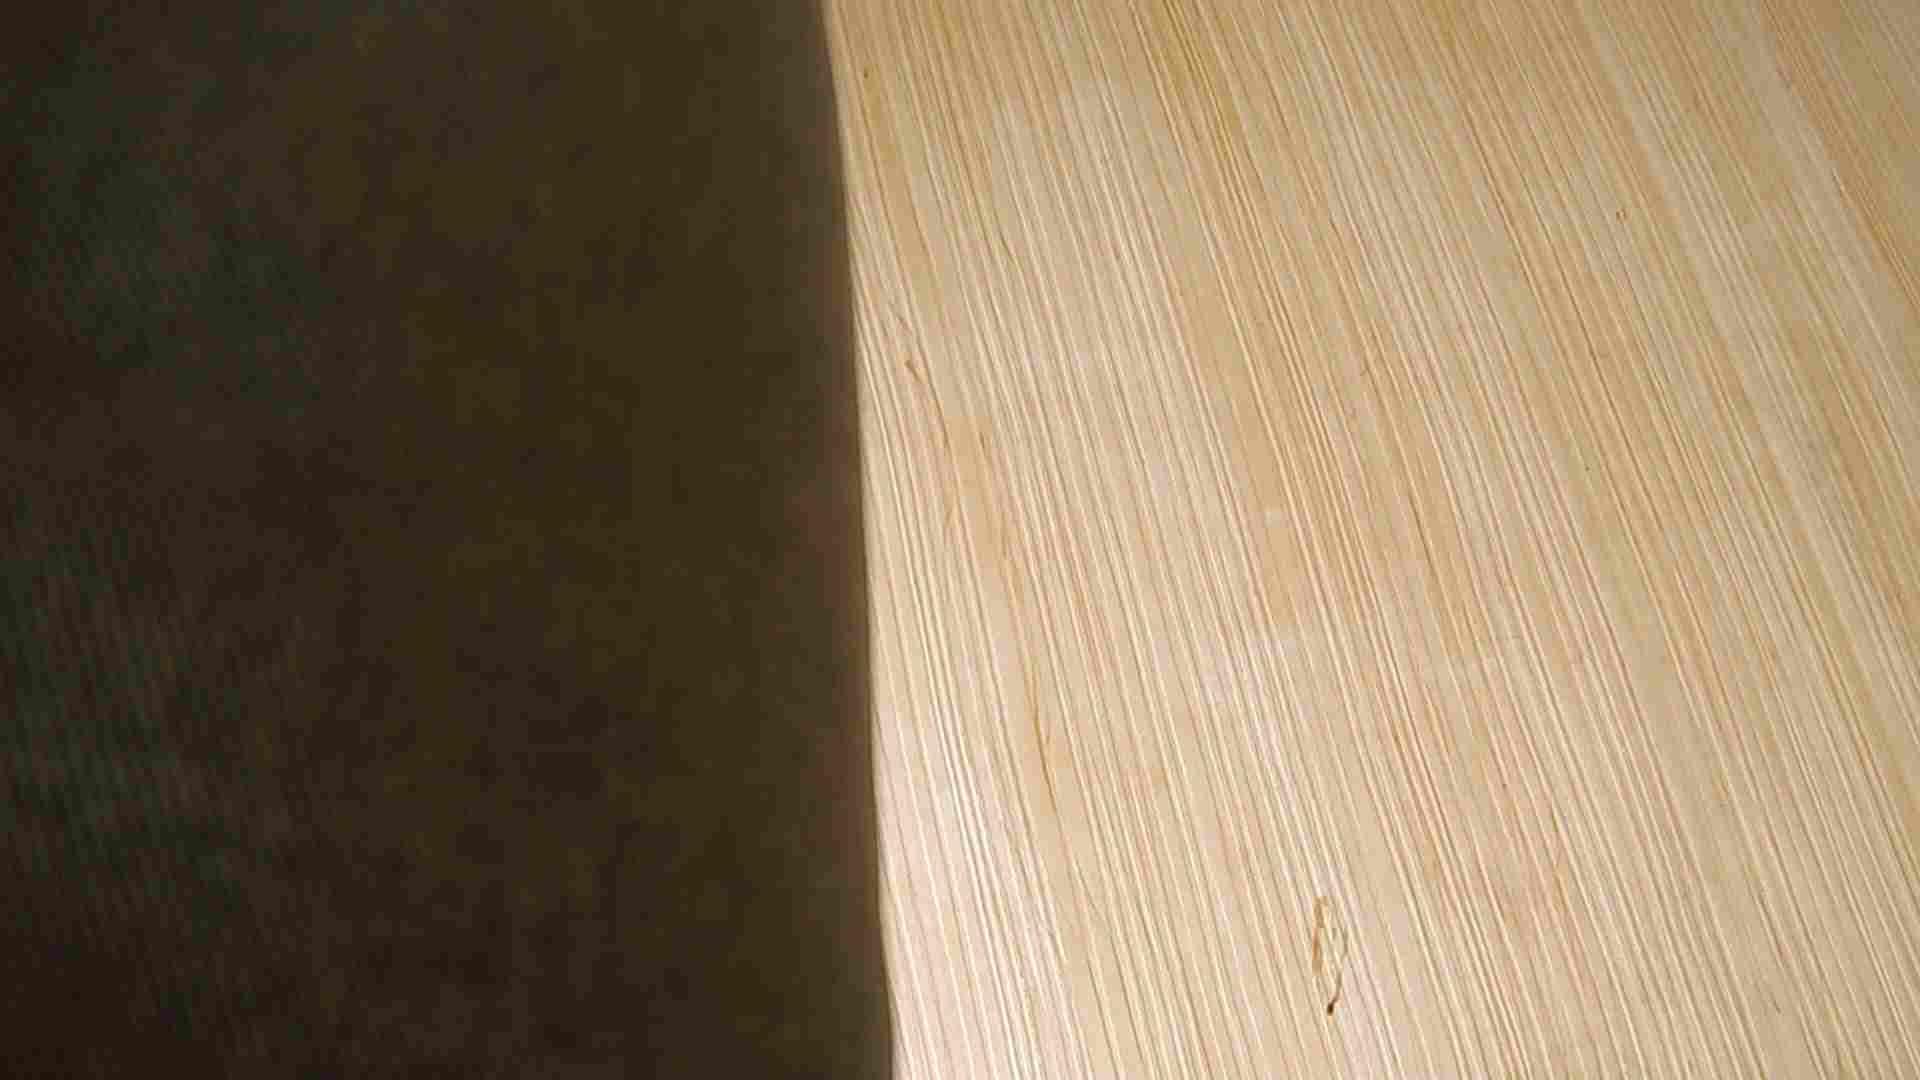 阿国ちゃんの「和式洋式七変化」No.2 盛合せ おめこ無修正動画無料 75画像 34